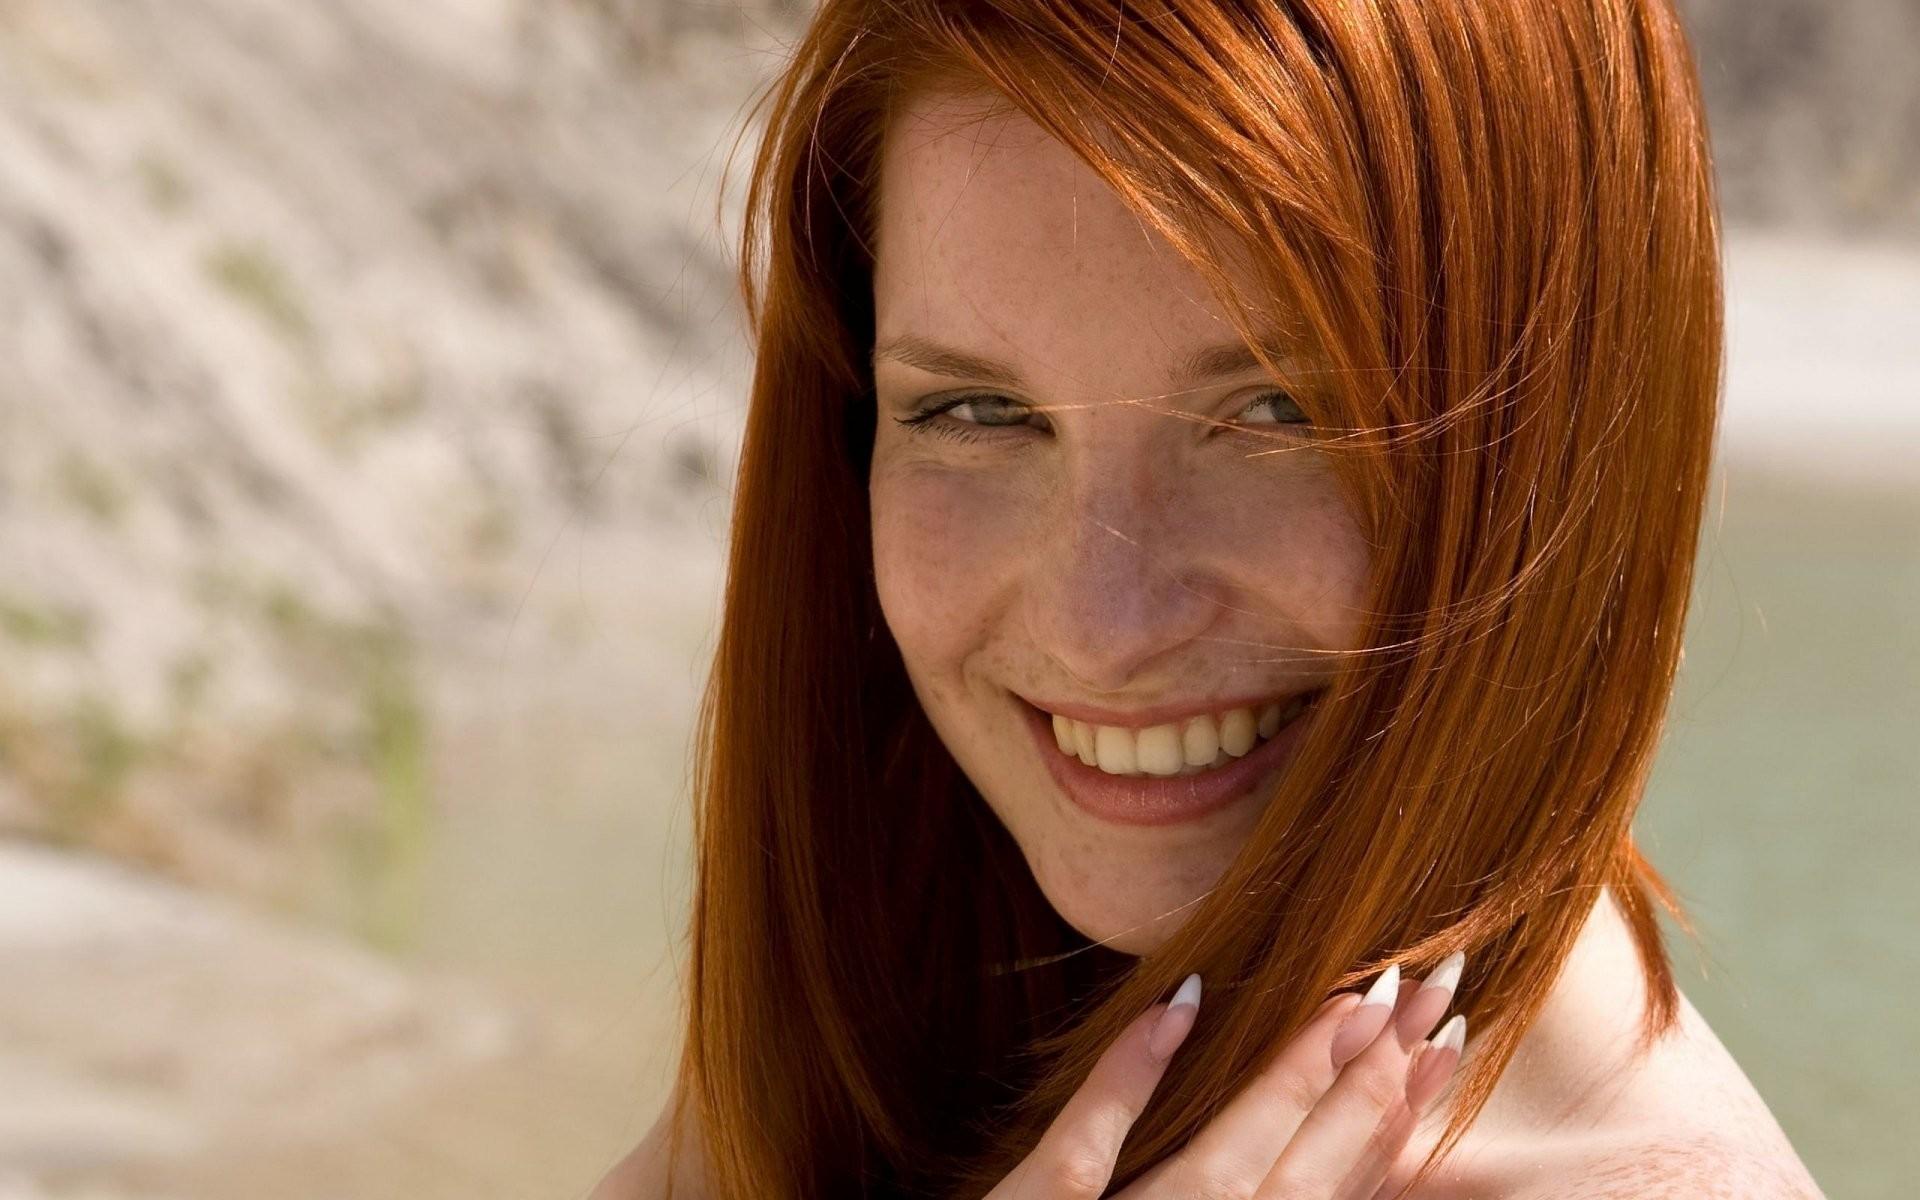 Women – Face Redhead Wallpaper